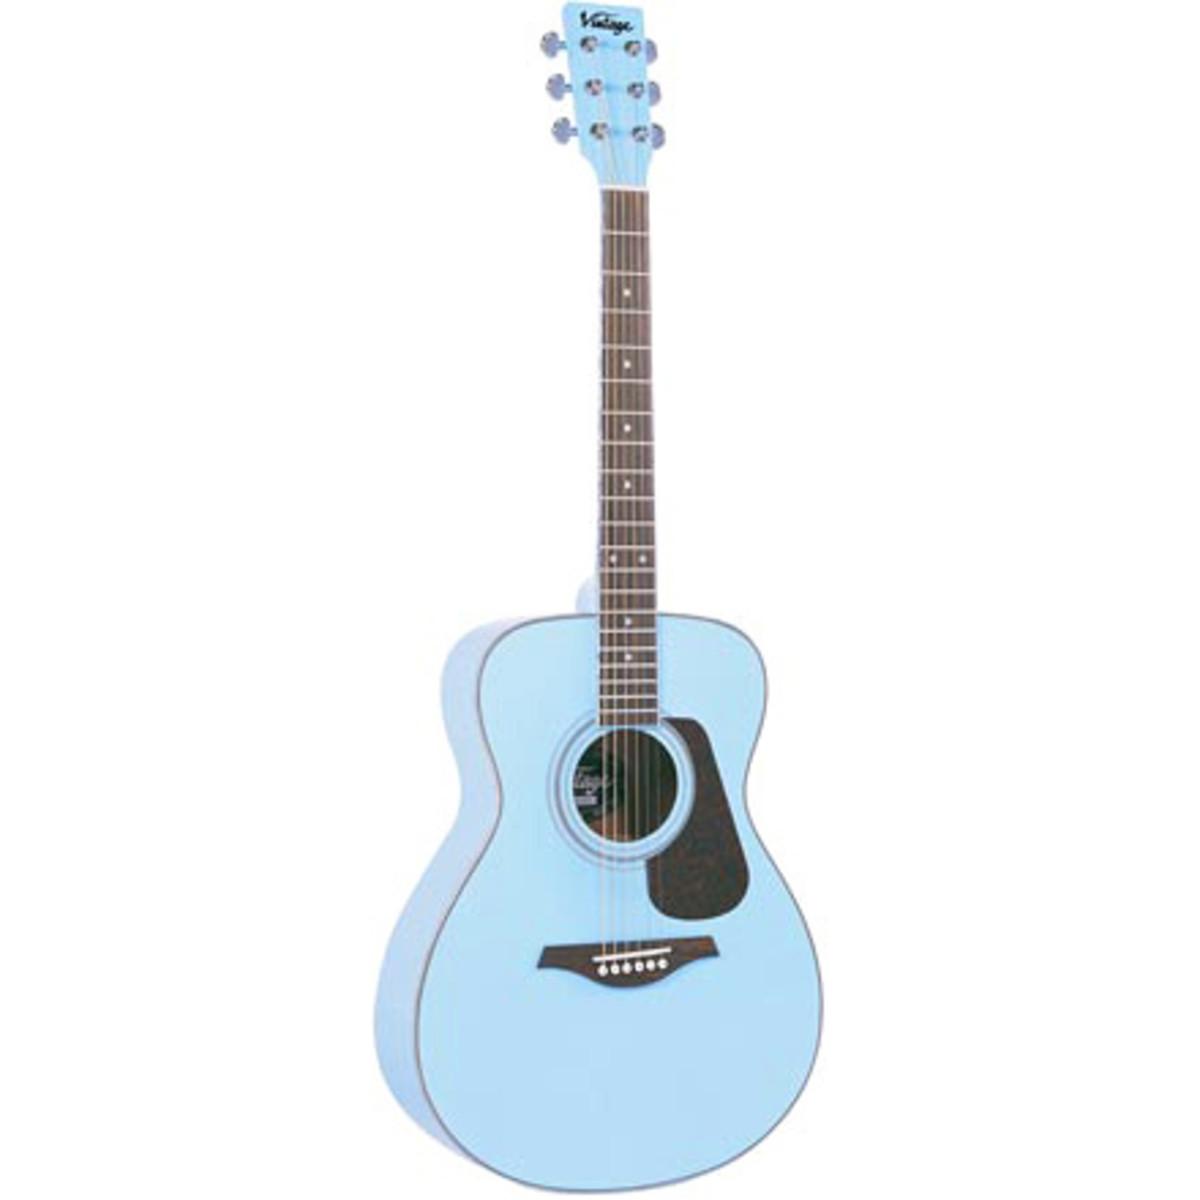 disc vintage v300 acoustic guitar baby blue at. Black Bedroom Furniture Sets. Home Design Ideas